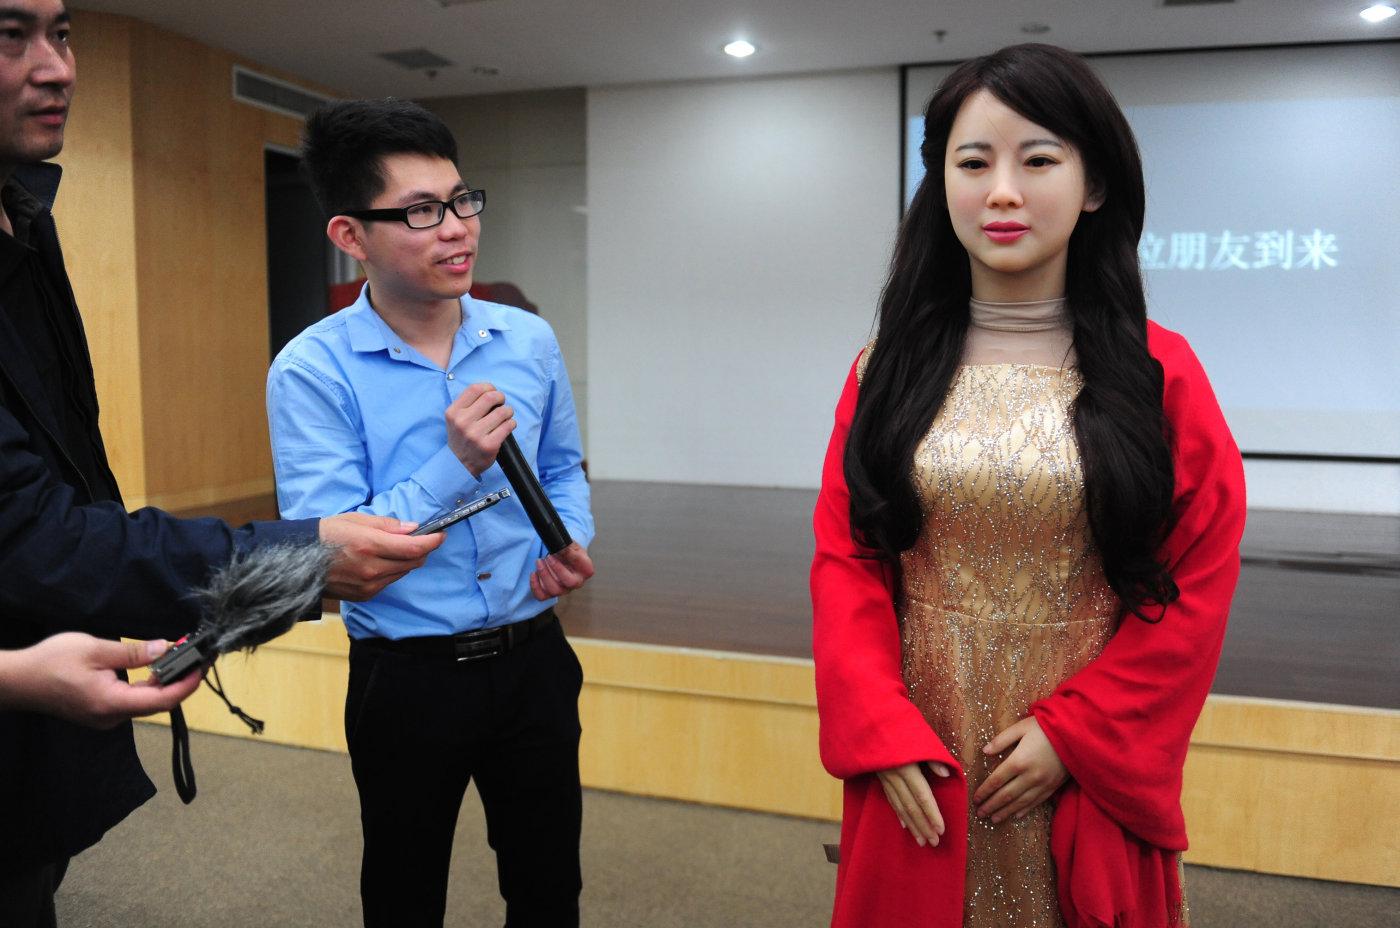 El robot más realista hasta la fecha es capaz de hablar e interactuar con humanos